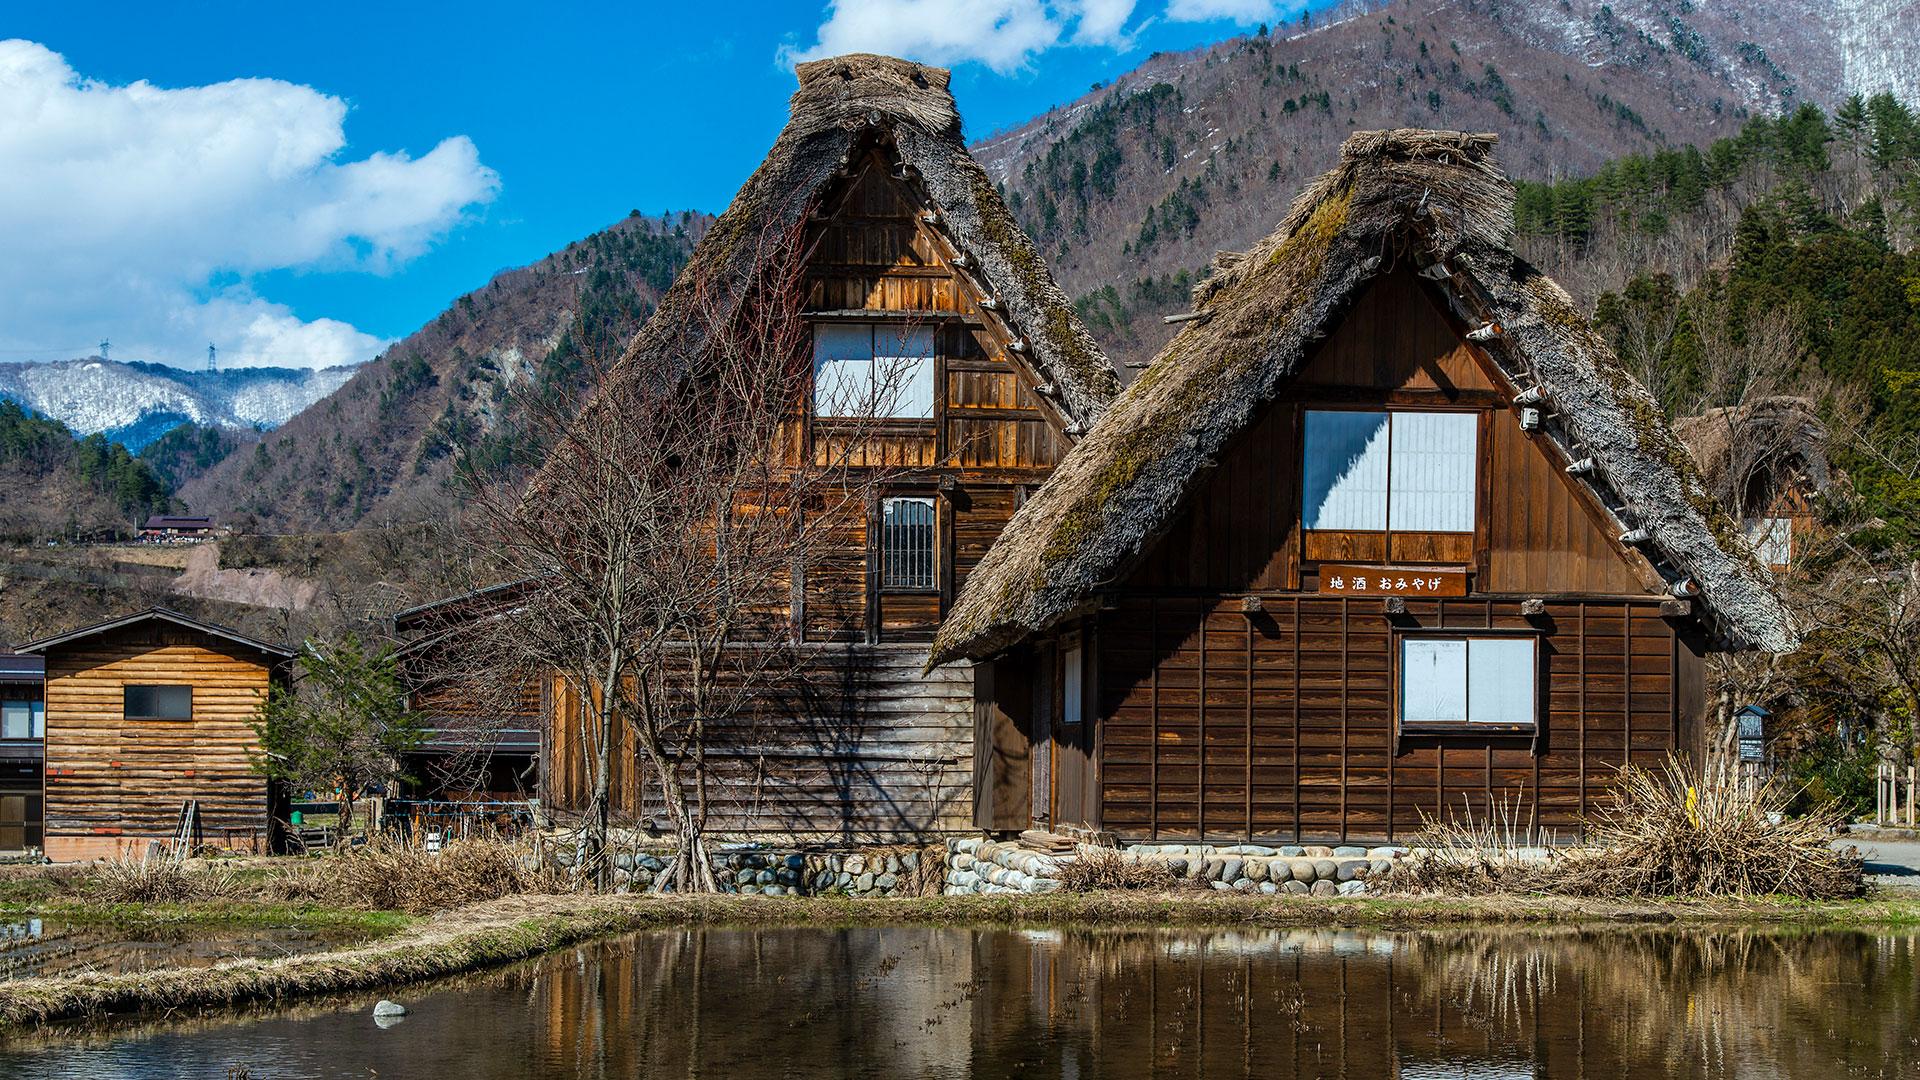 Traditional farmhouses in Shirakawago, Japan